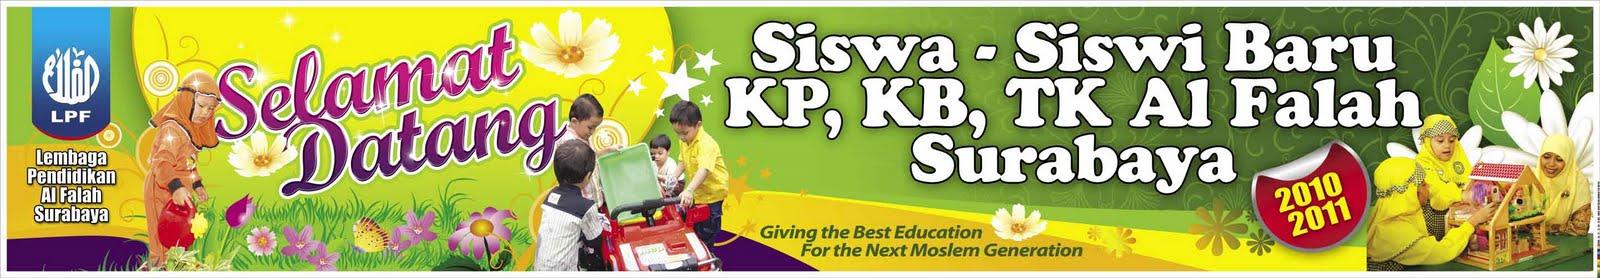 ... Tema Selamat Datang Siswa - Siswi Baru KP, KB , TK Al Falah Surabaya